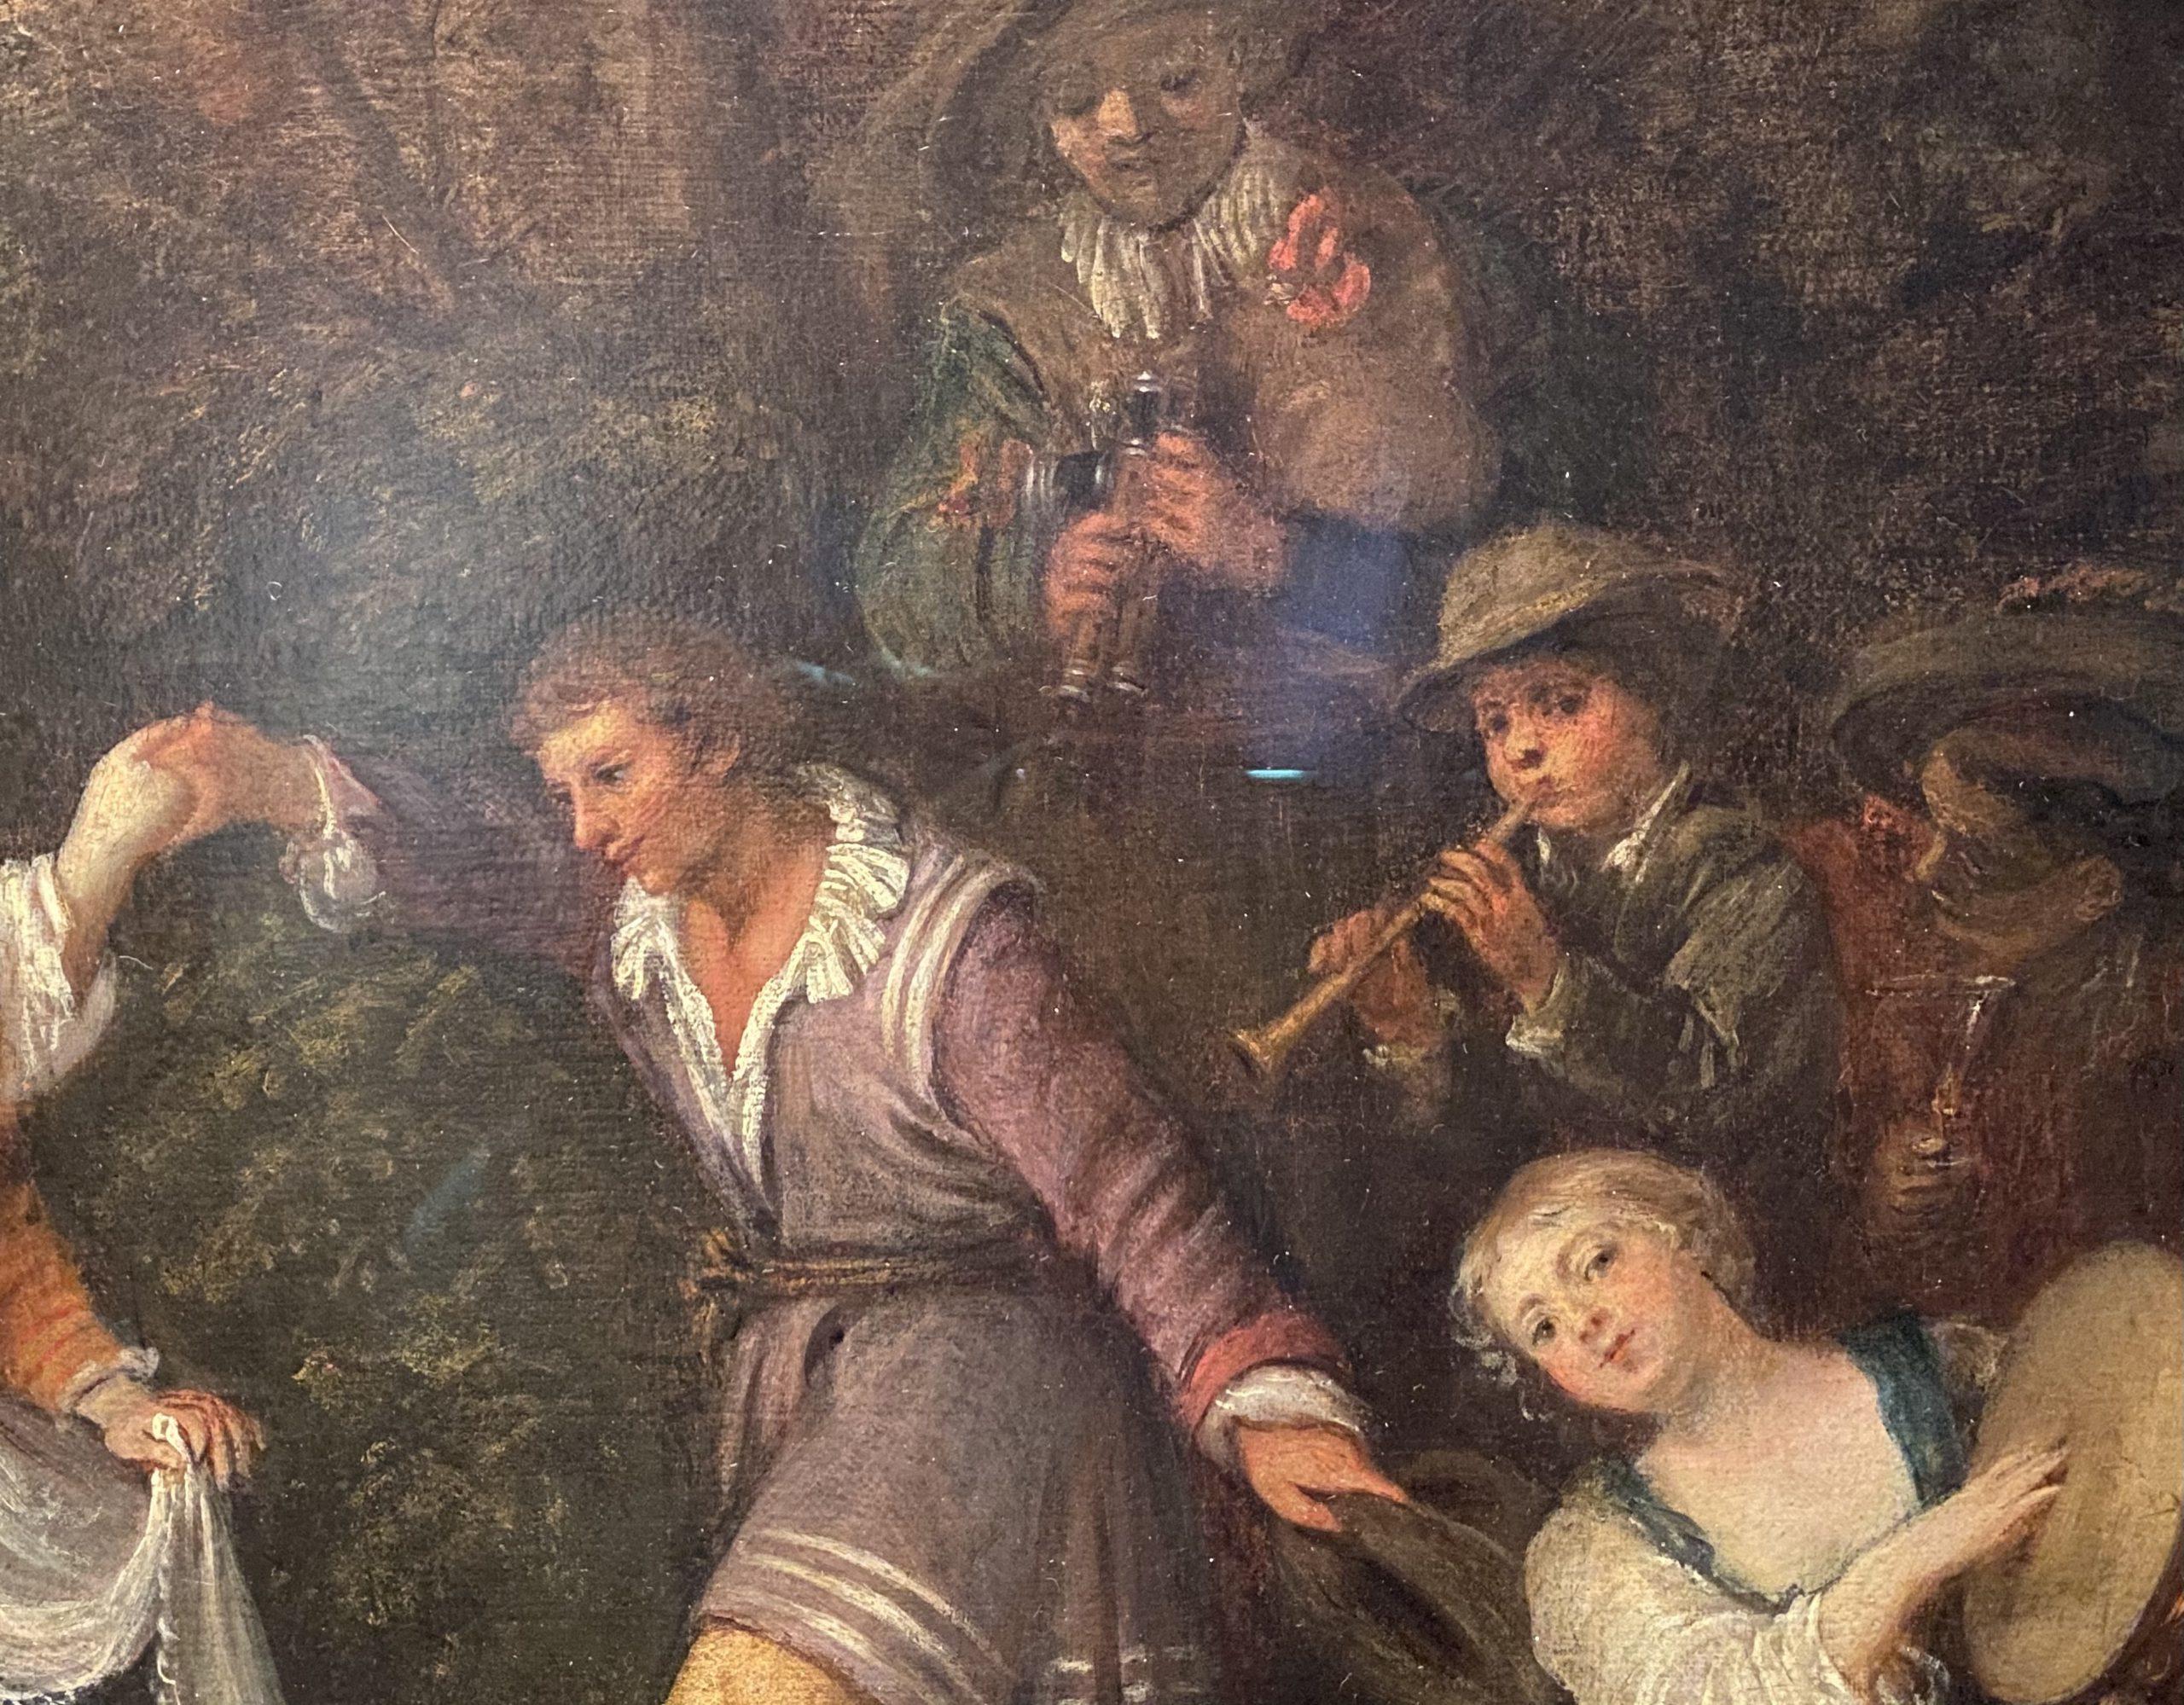 農村踊り-ジャン・アントワーヌ・ヴァトー-フランス-特別展【光影浮空-欧州絵画500年】-成都博物館